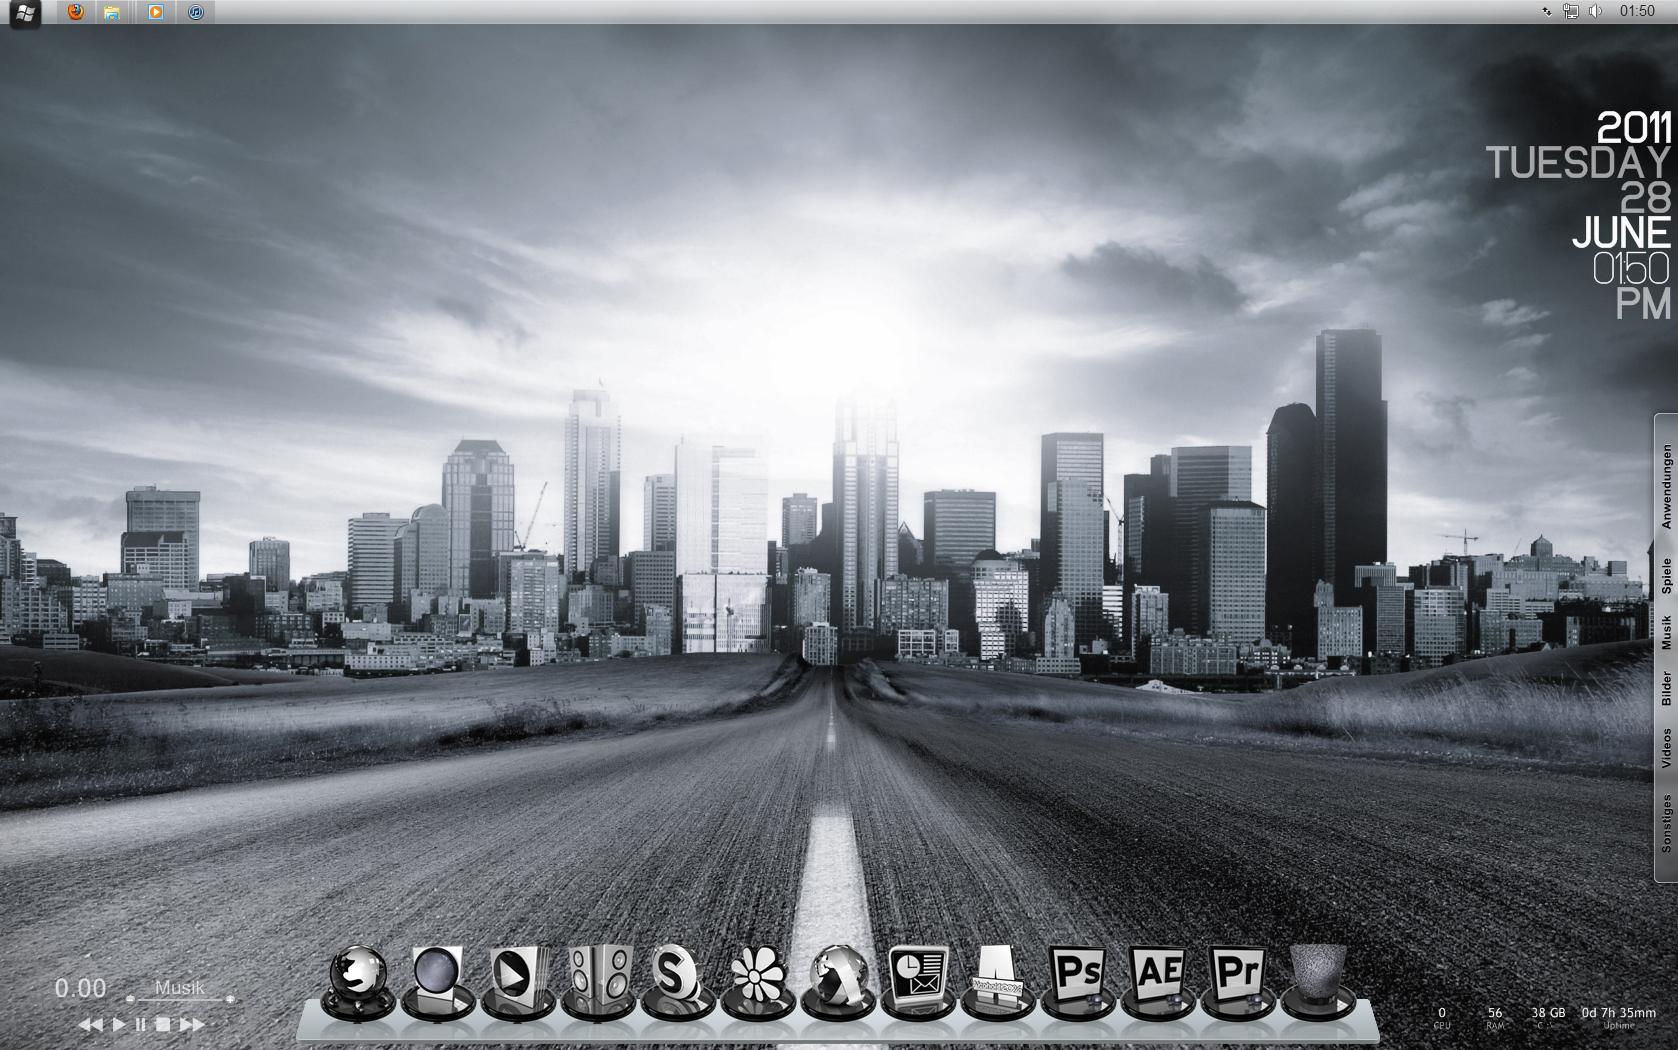 meindesktop-jpg.434223